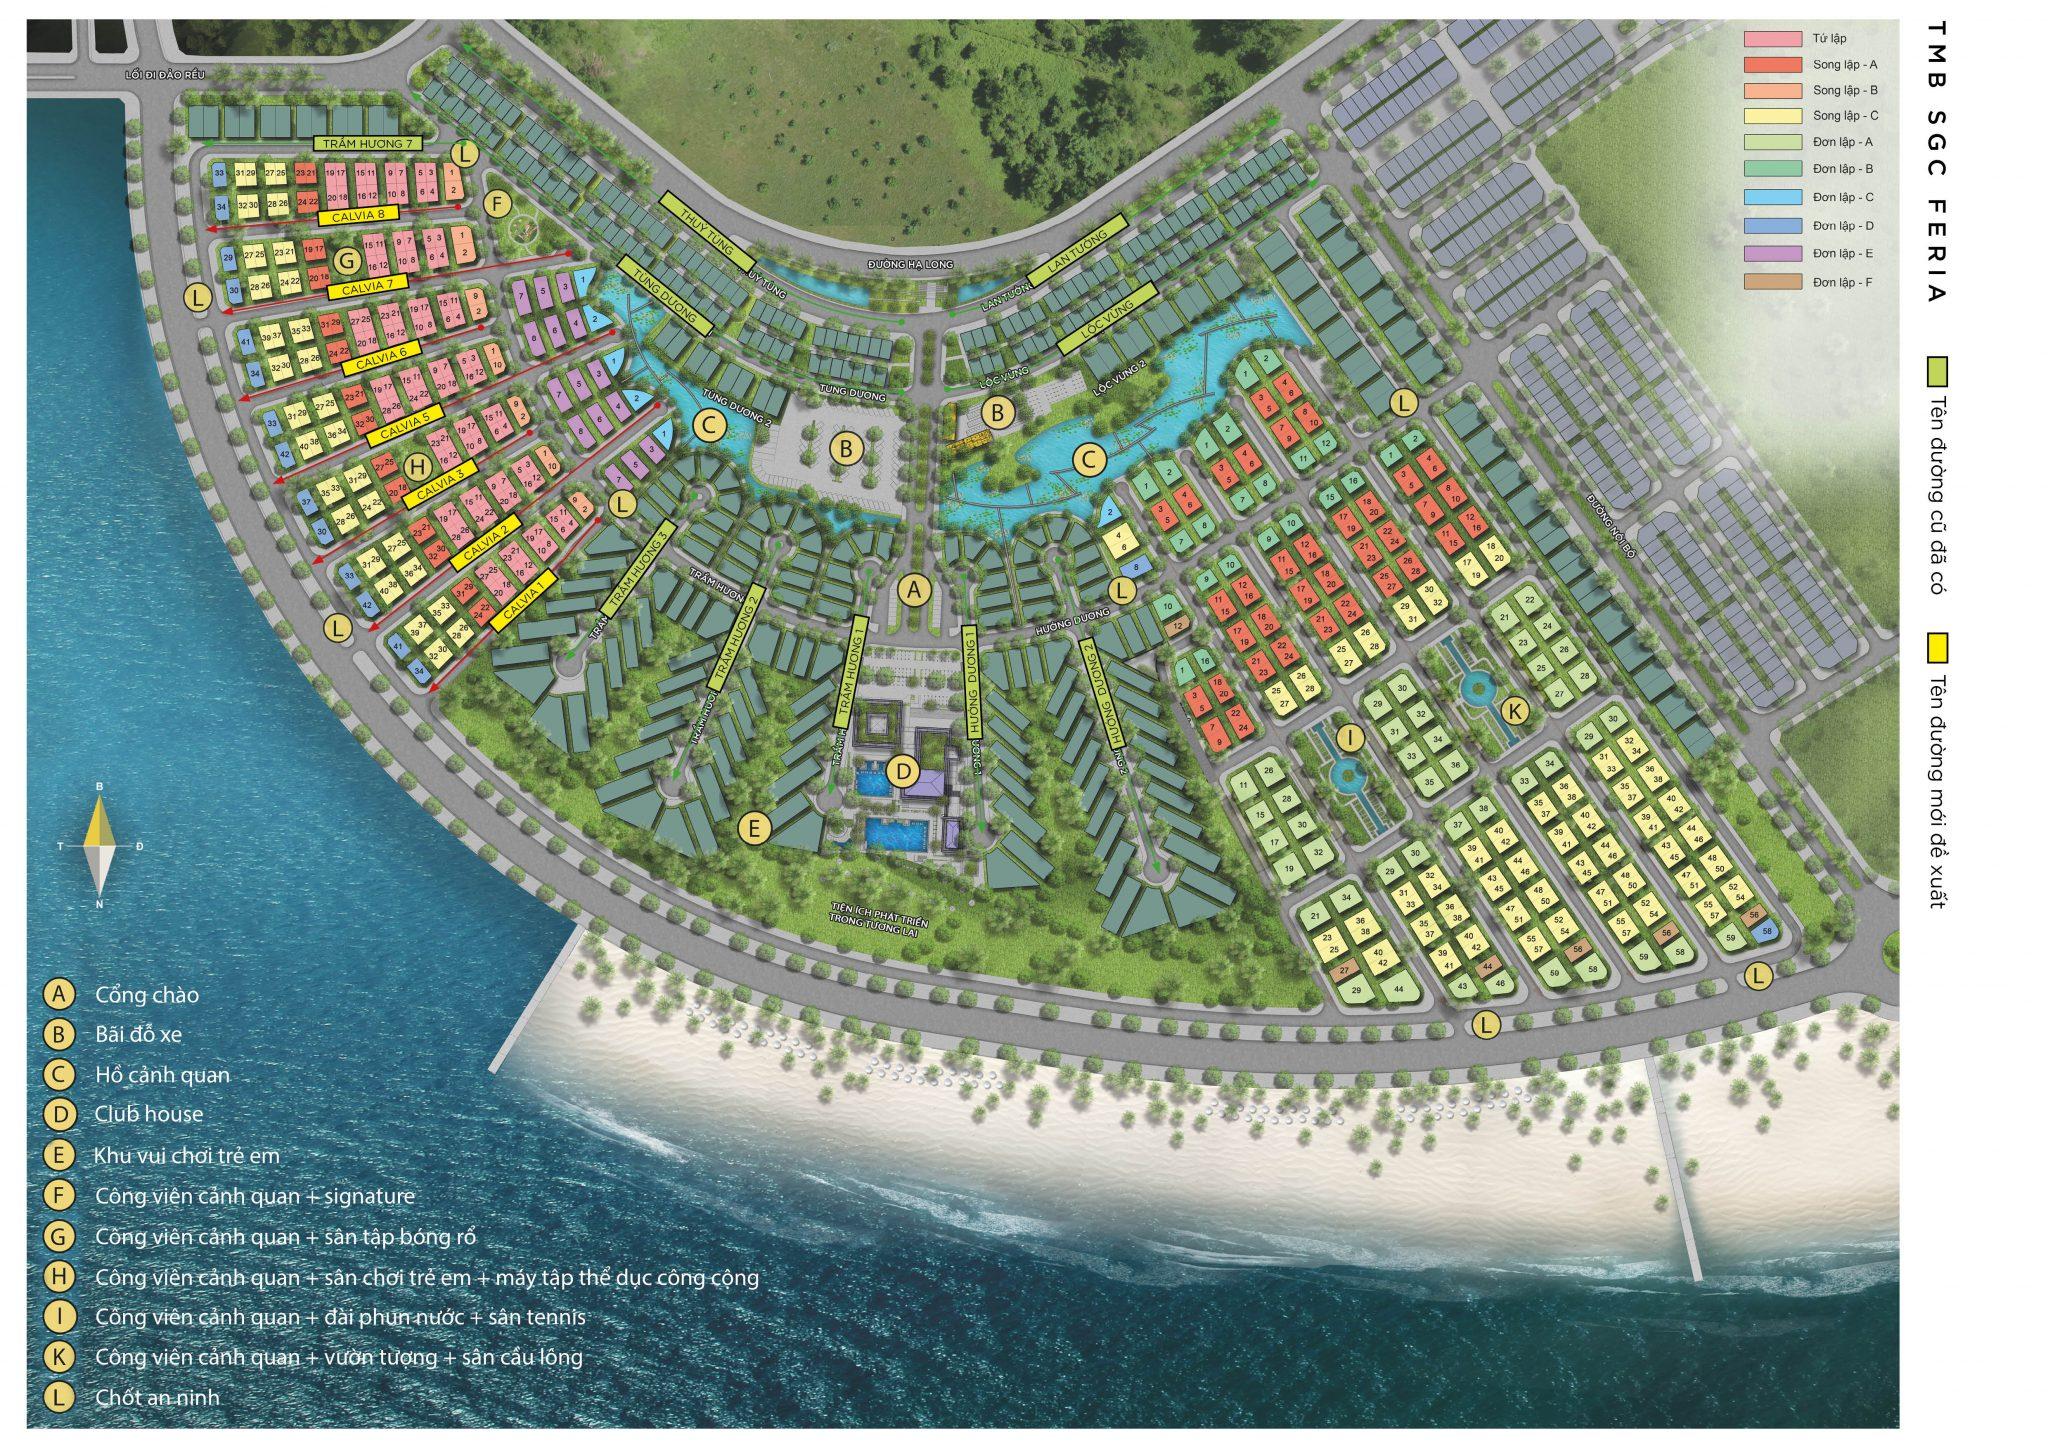 Mặt bằng tổng quan dự án Sun Grand City Feria